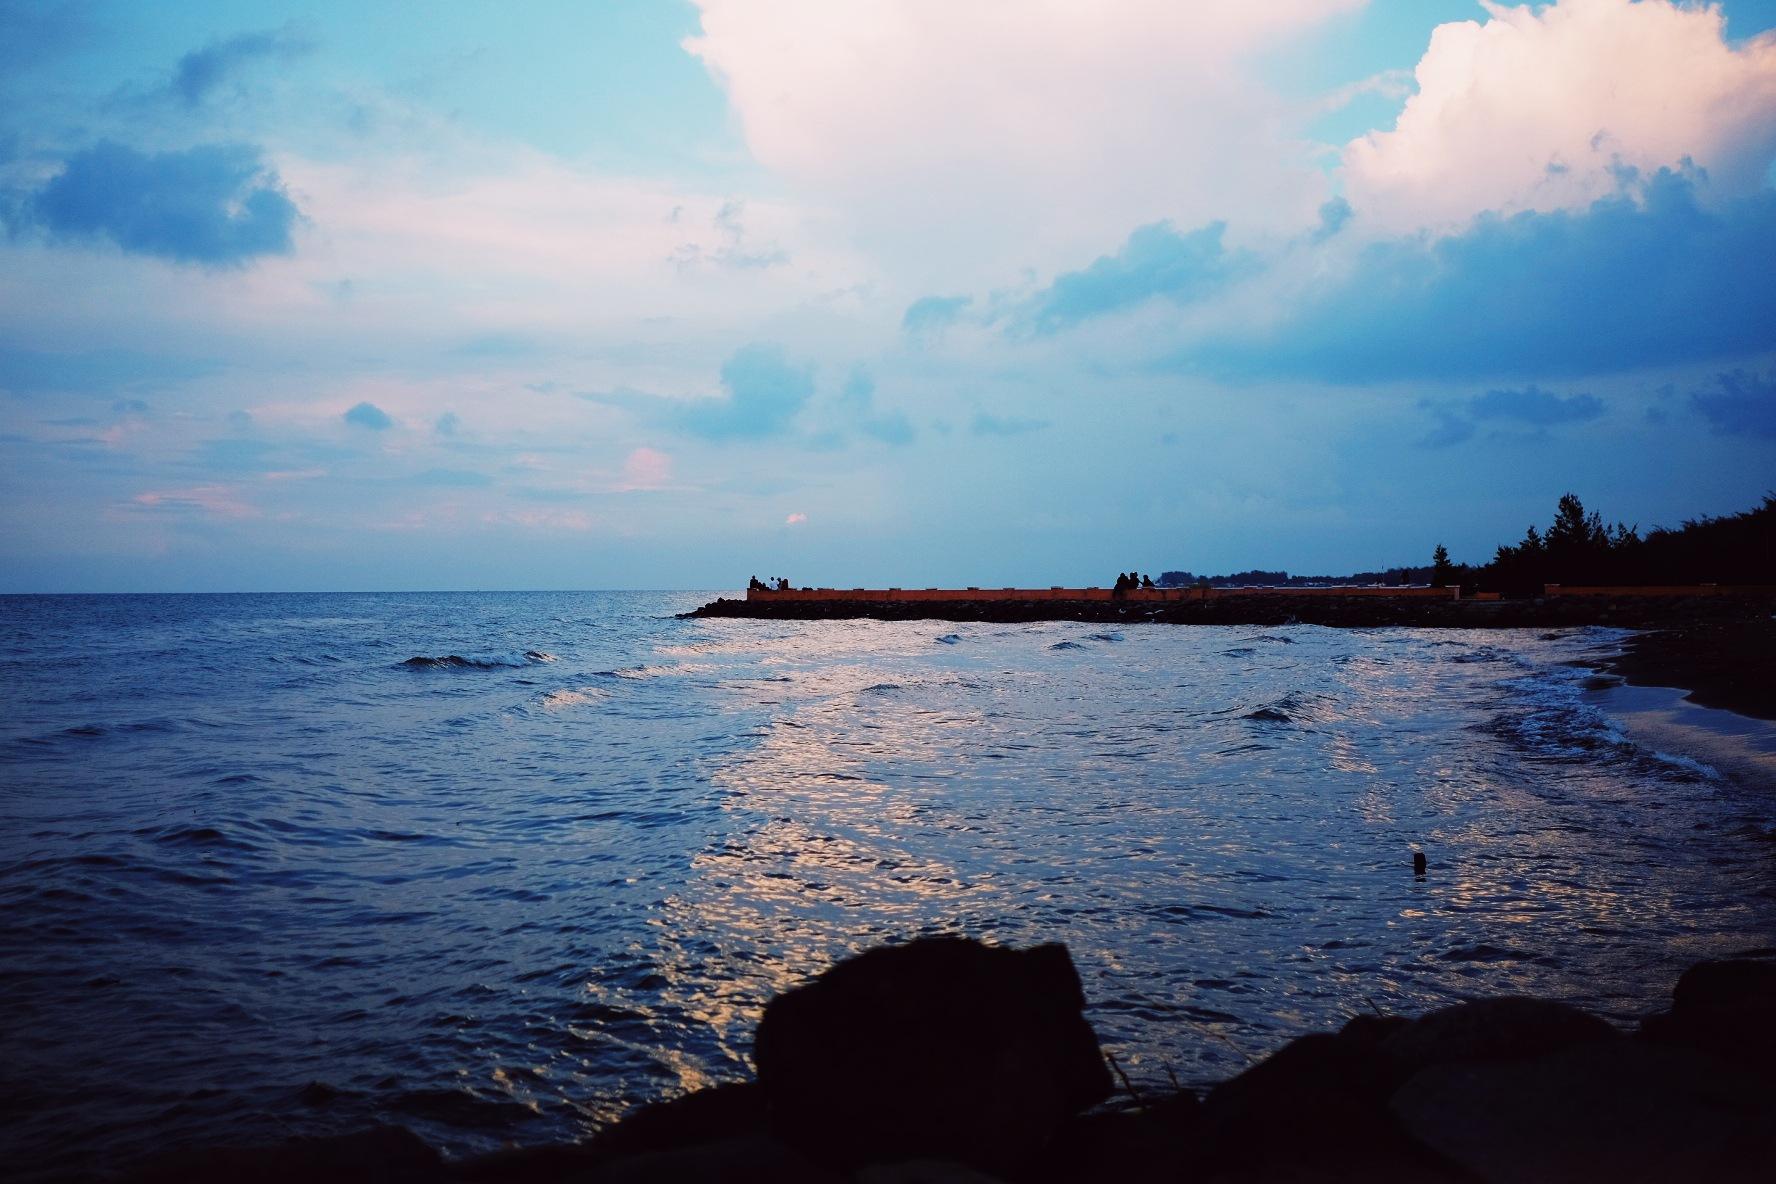 Alam Indah Beach by Sibawaih